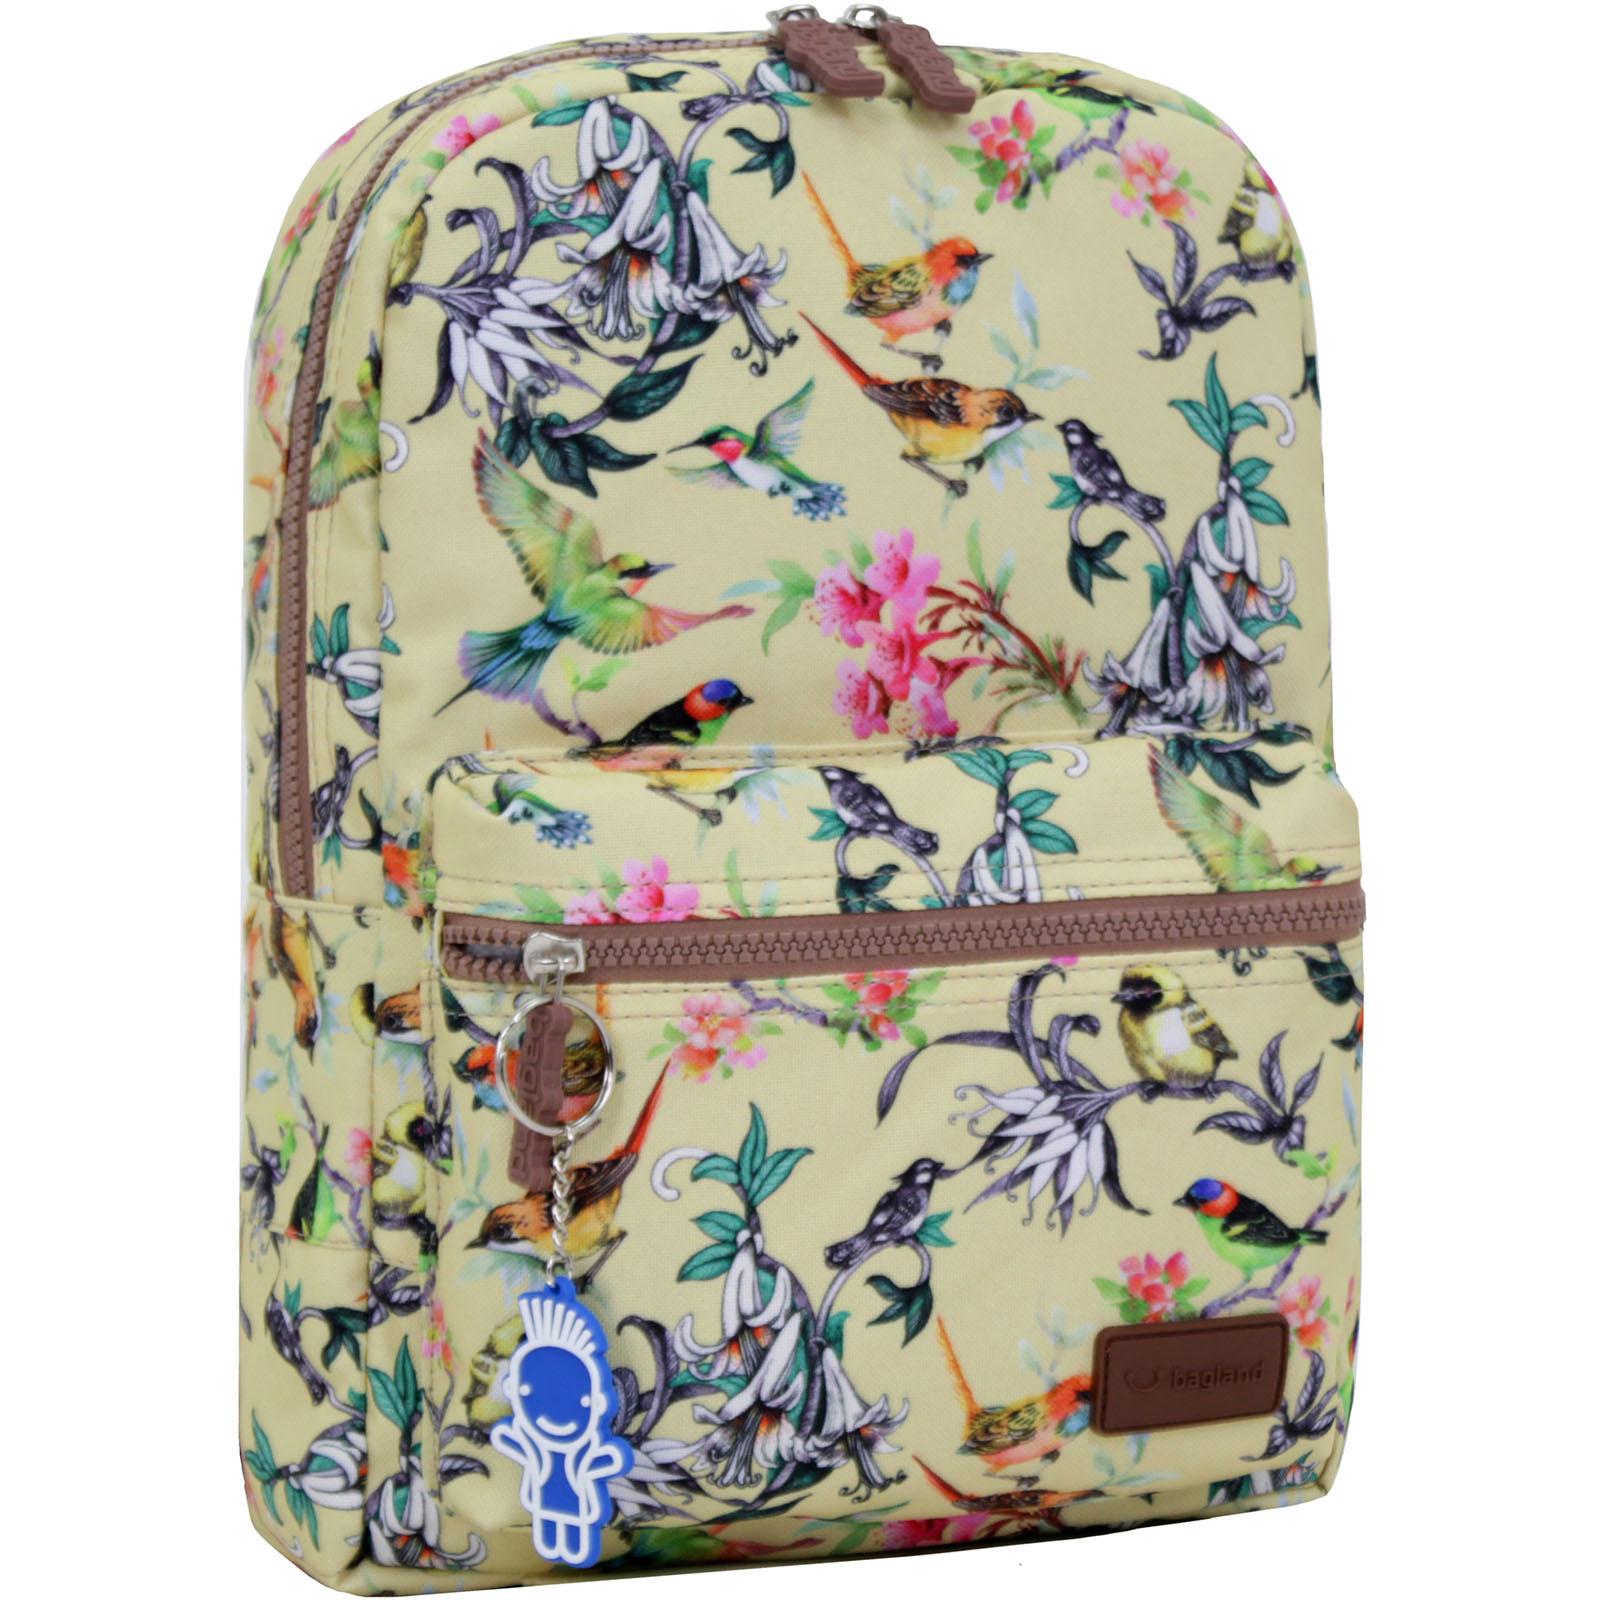 Детские рюкзаки Рюкзак Bagland Молодежный mini 8 л. сублимация 174 (00508664) IMG_0330_арт.174_.JPG